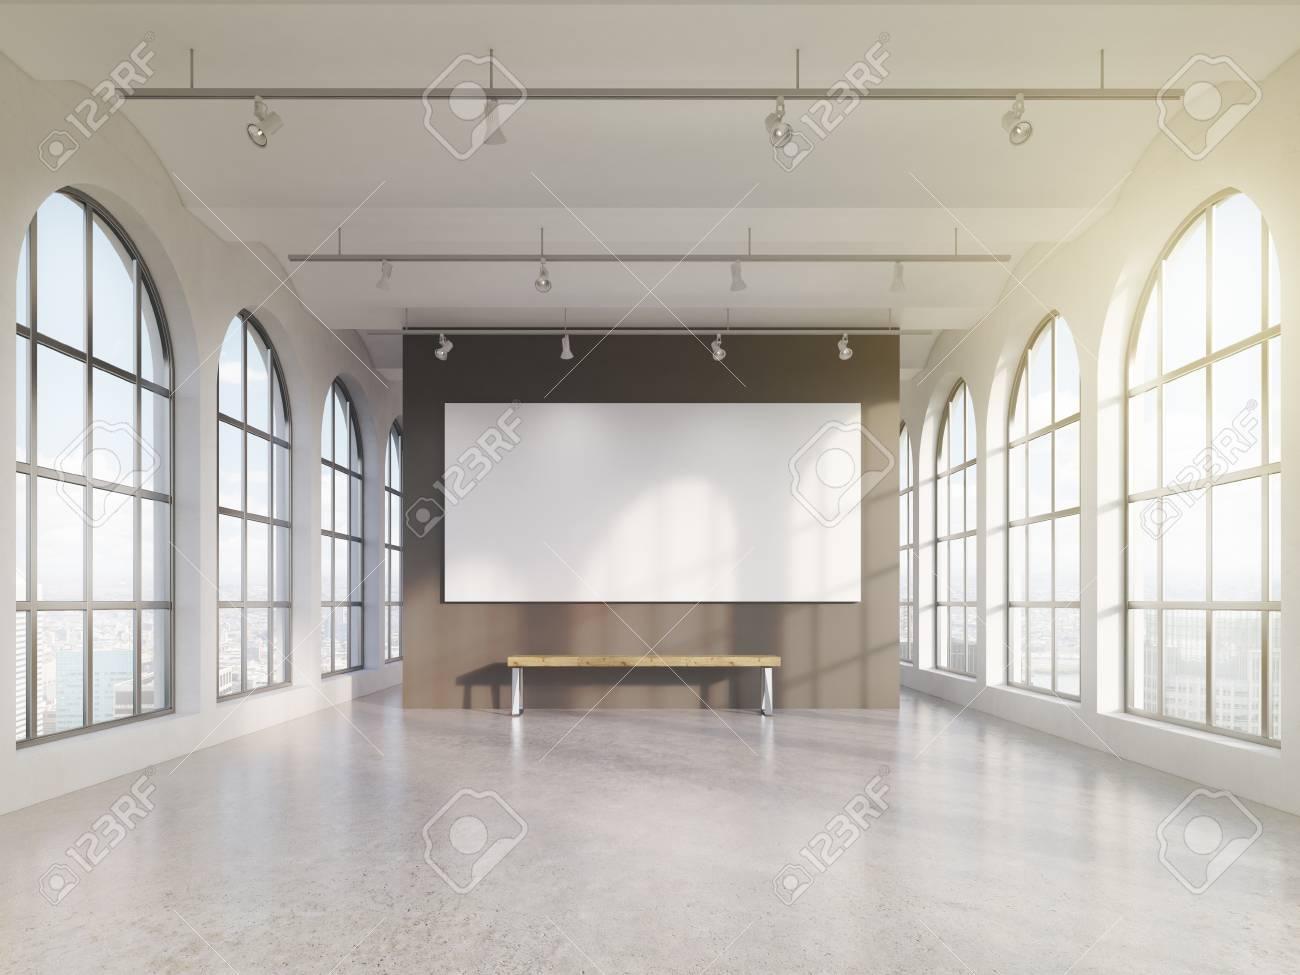 Espaciosa Sala Vacía Con Enormes Ventanas Romanos En Dos Partes Con